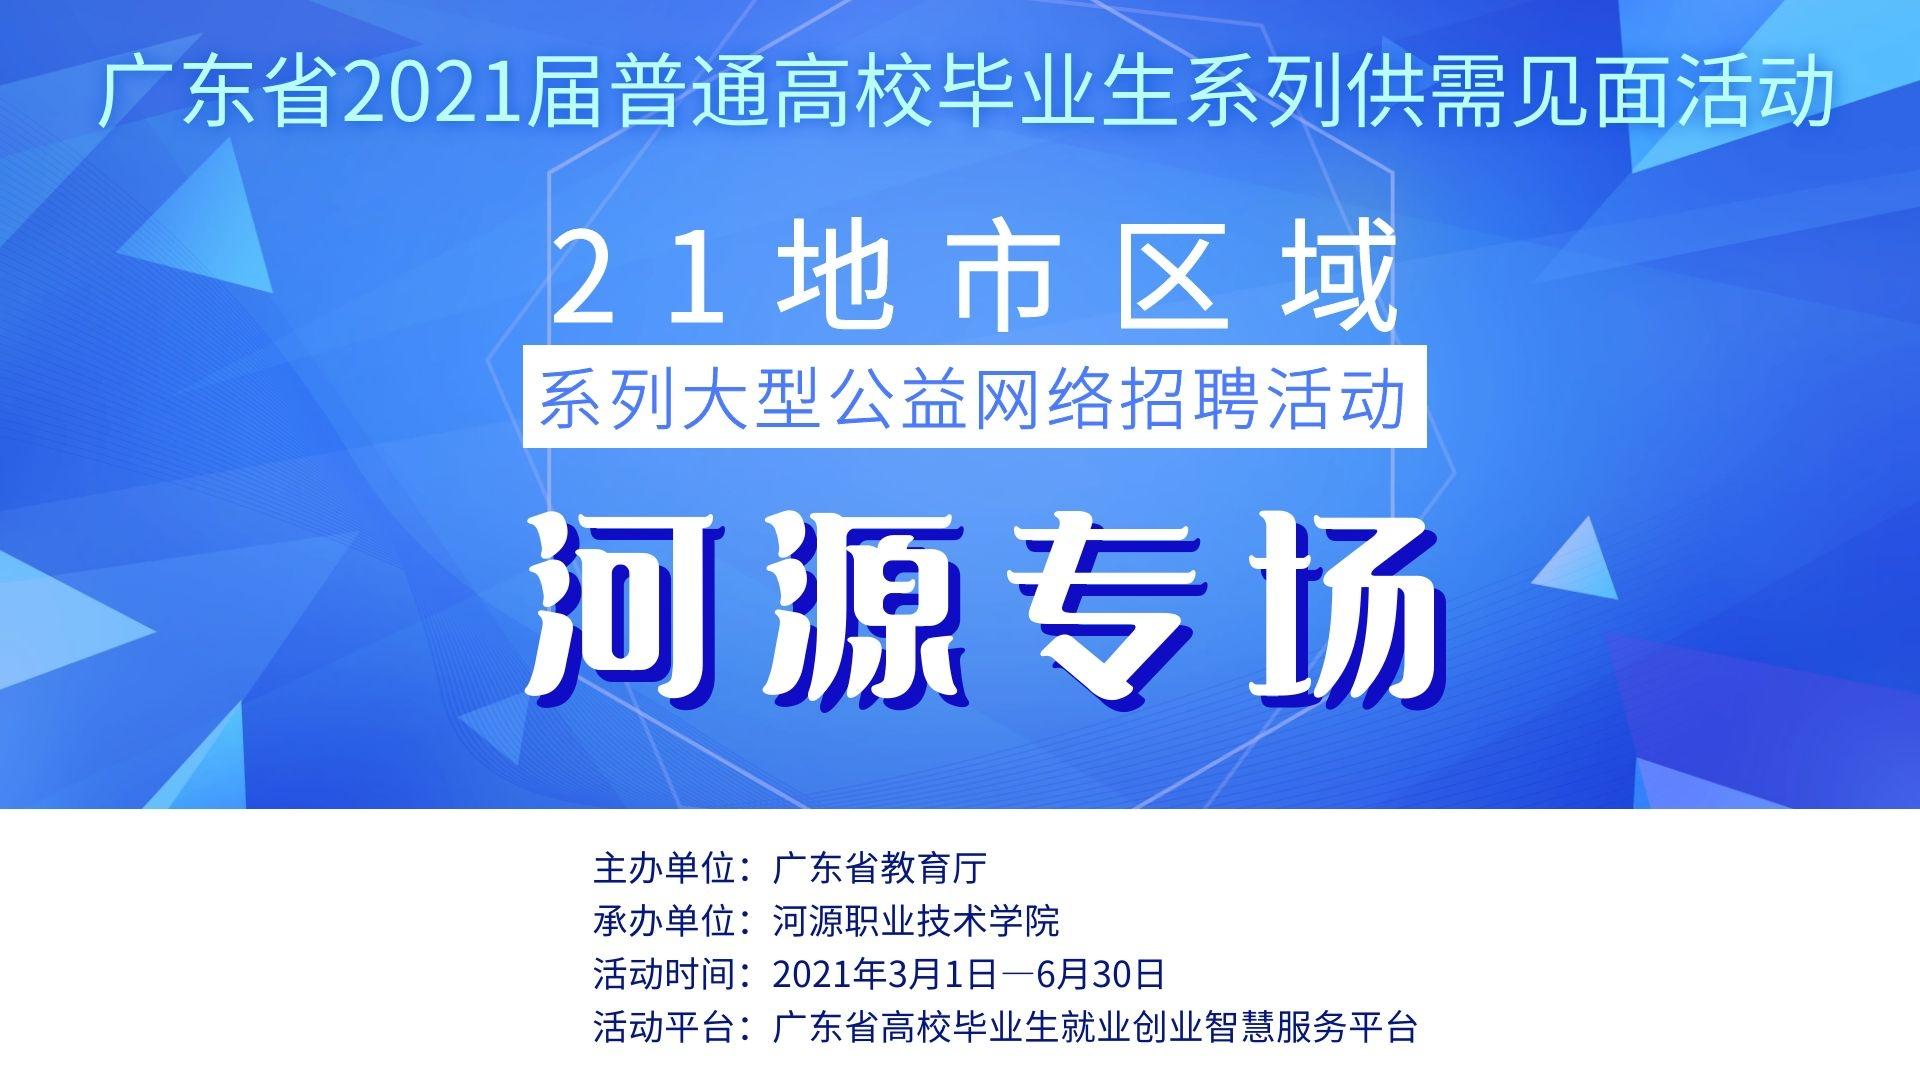 关于举办广东省2021届普通高校毕业生系列供需见面活动  21地市区域系列大型公益网络招聘活动——河源专场的通知